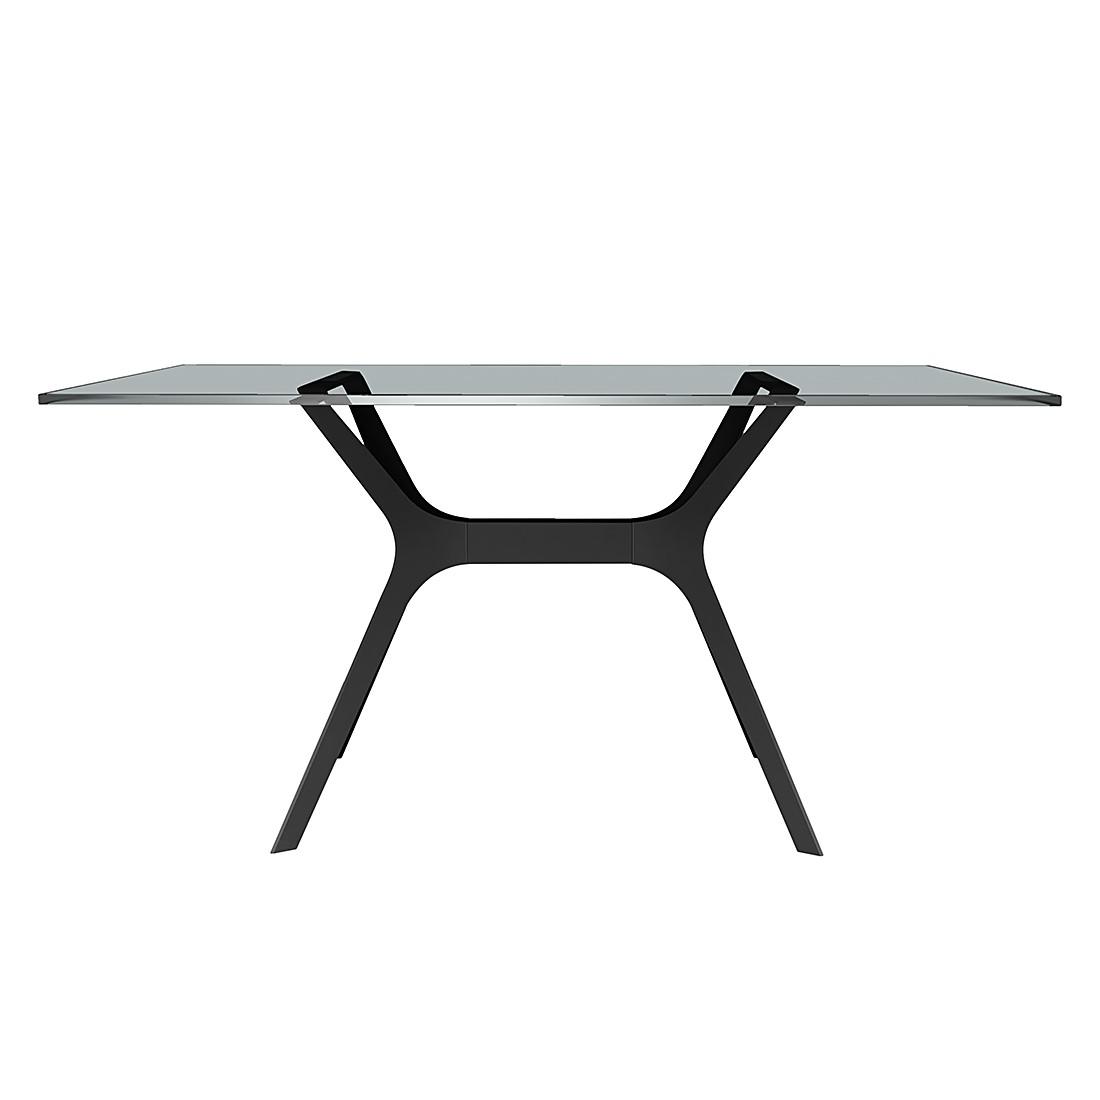 Table à manger Vela I - Noir - 120 x 80 cm, loftscape